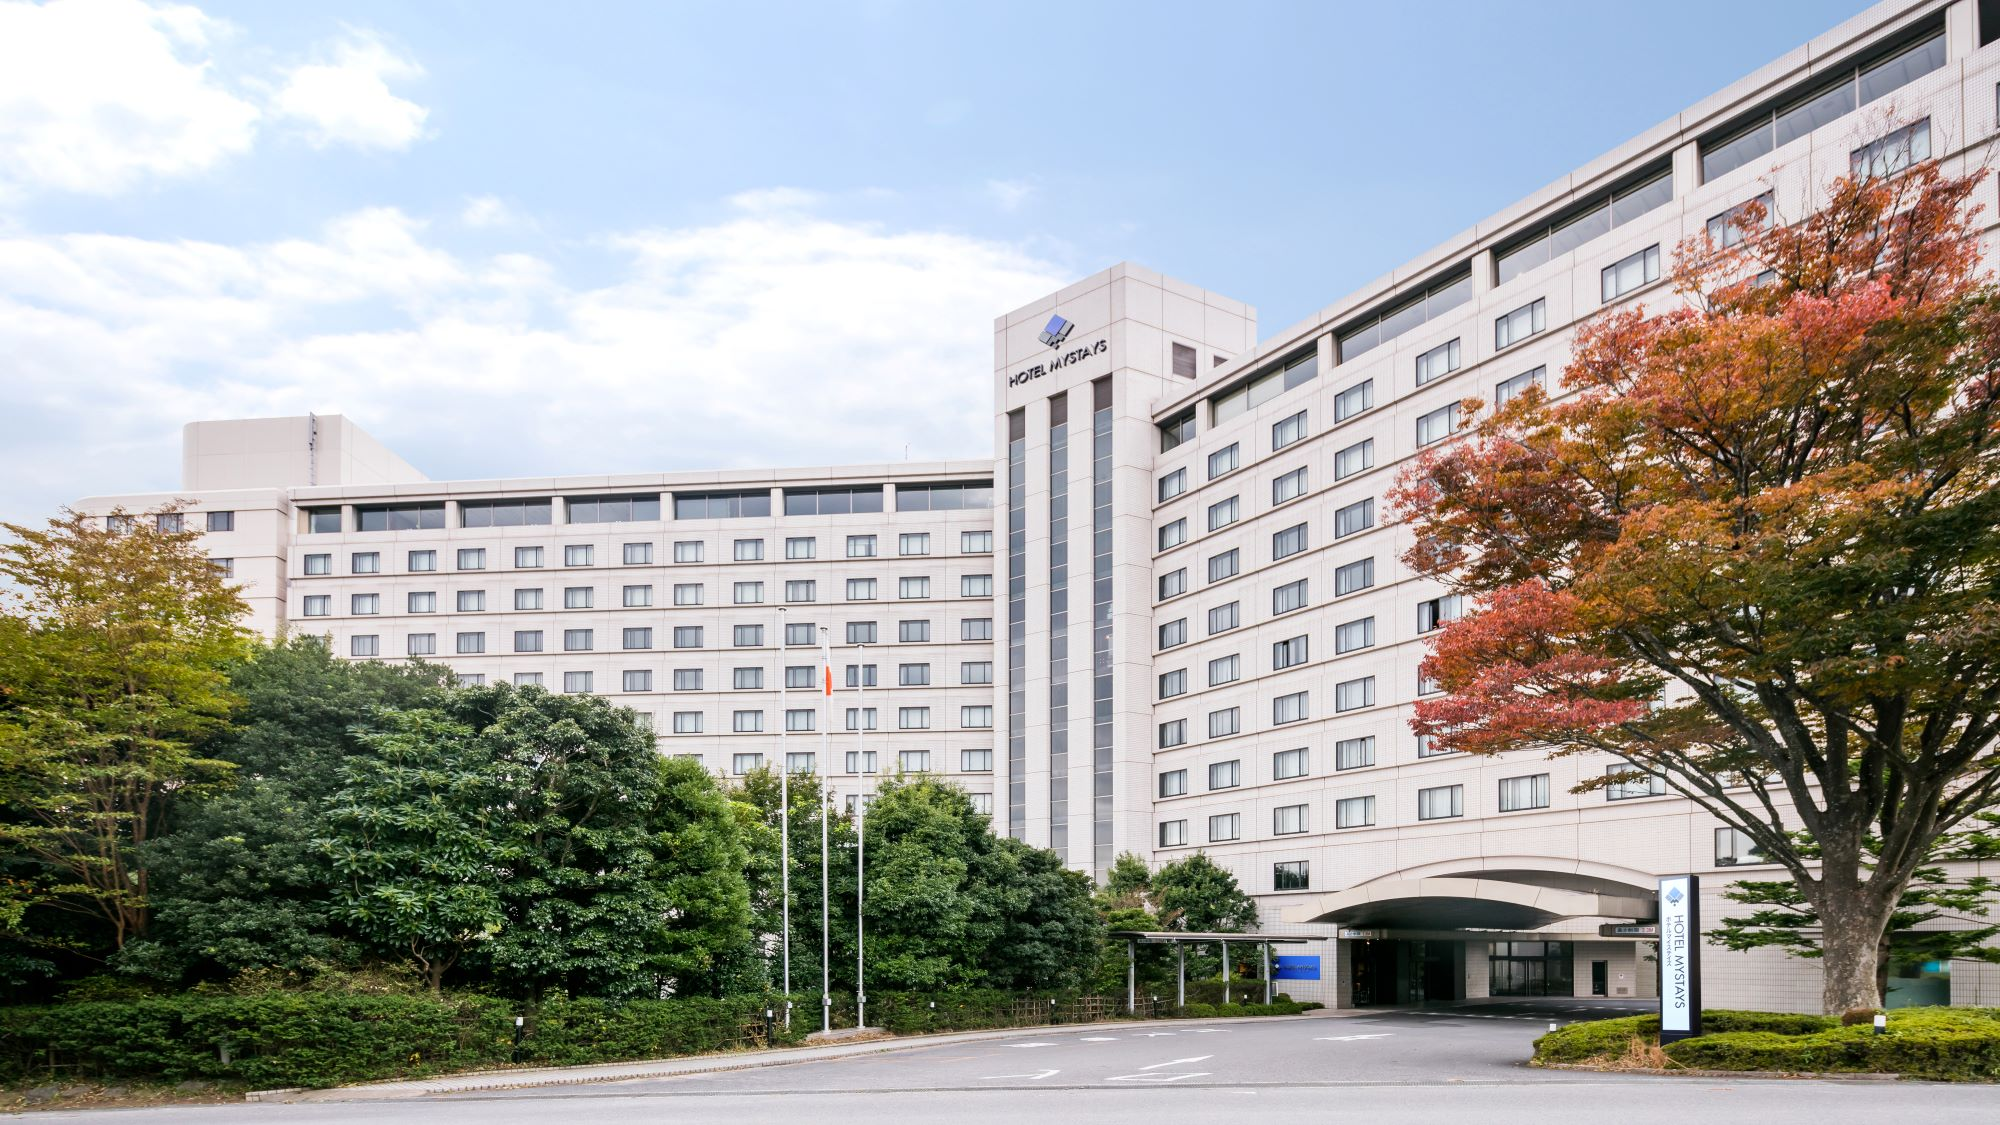 ホテル マイステイズ プレミア 成田◆楽天トラベル